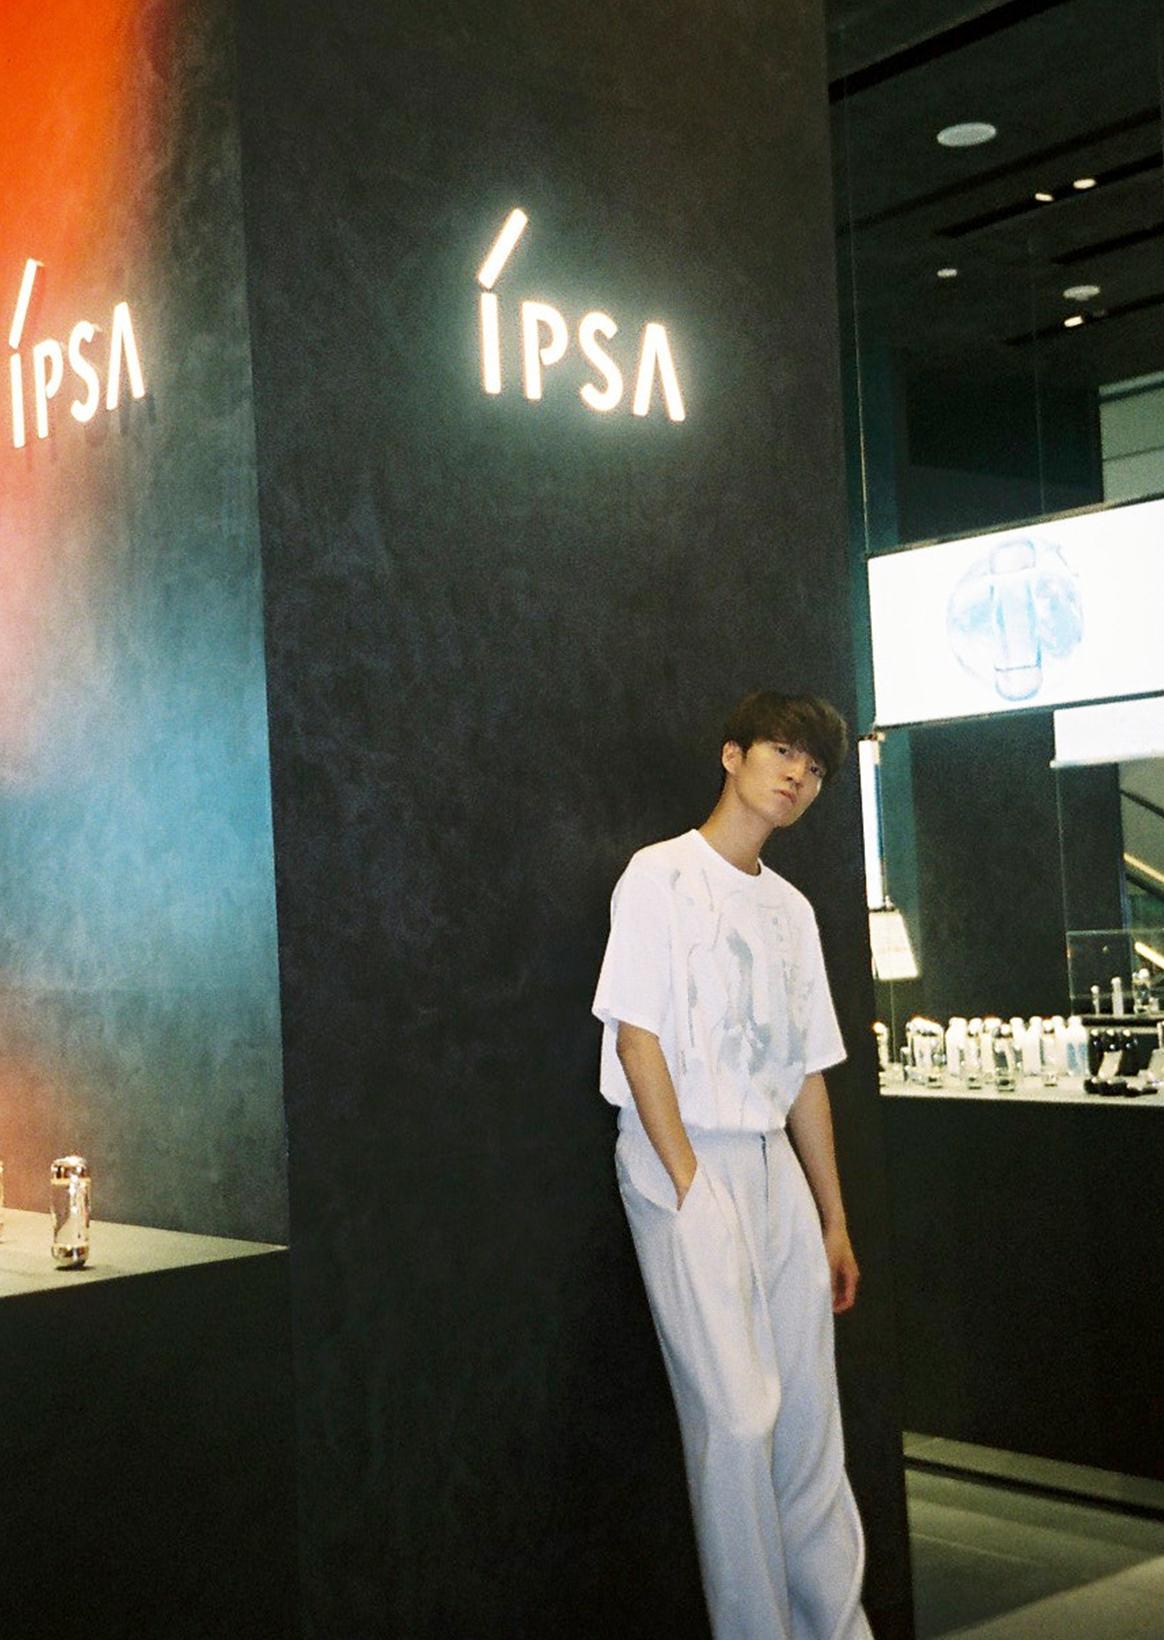 森田美勇人(7ORDER)×IPSA/deli fu cious/Spiral|心も体も満たされる、五感が喜ぶショップ散策